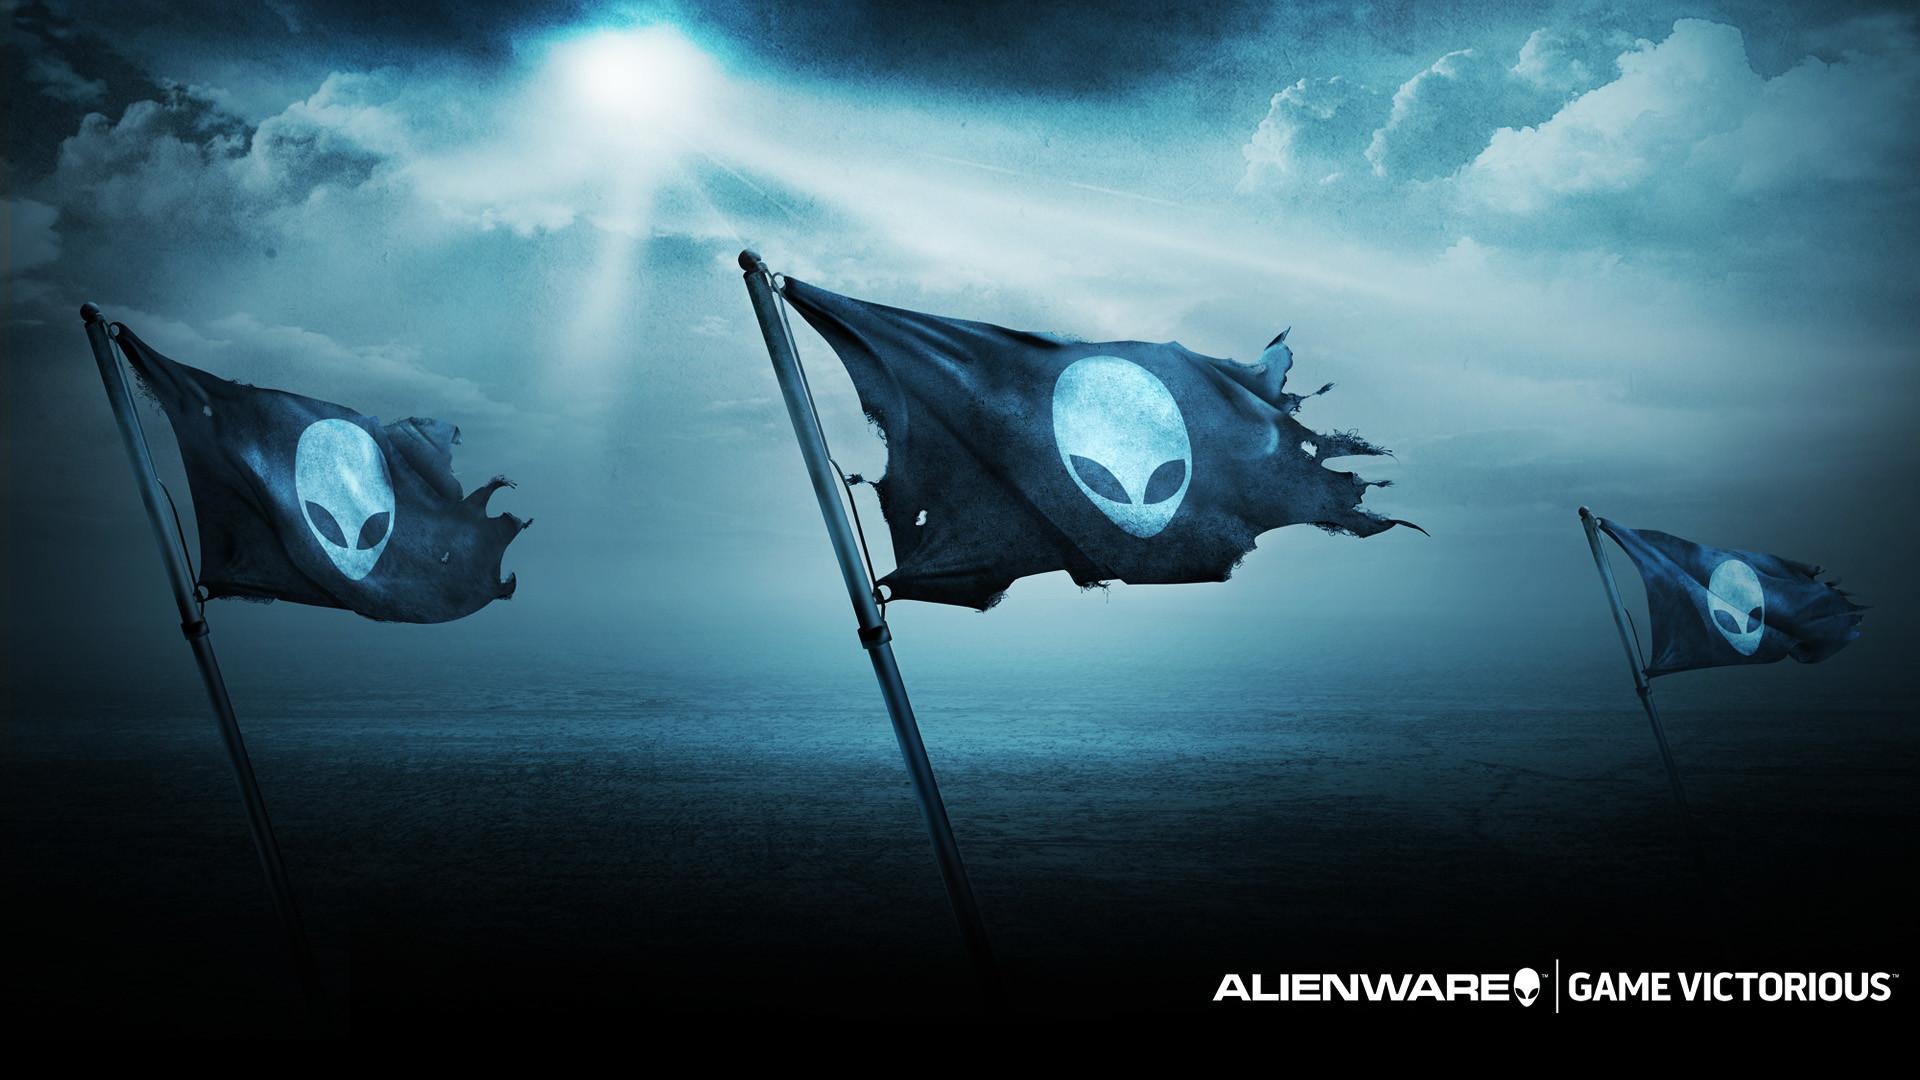 6. alienware-wallpaper-free-Download8-1-600×338